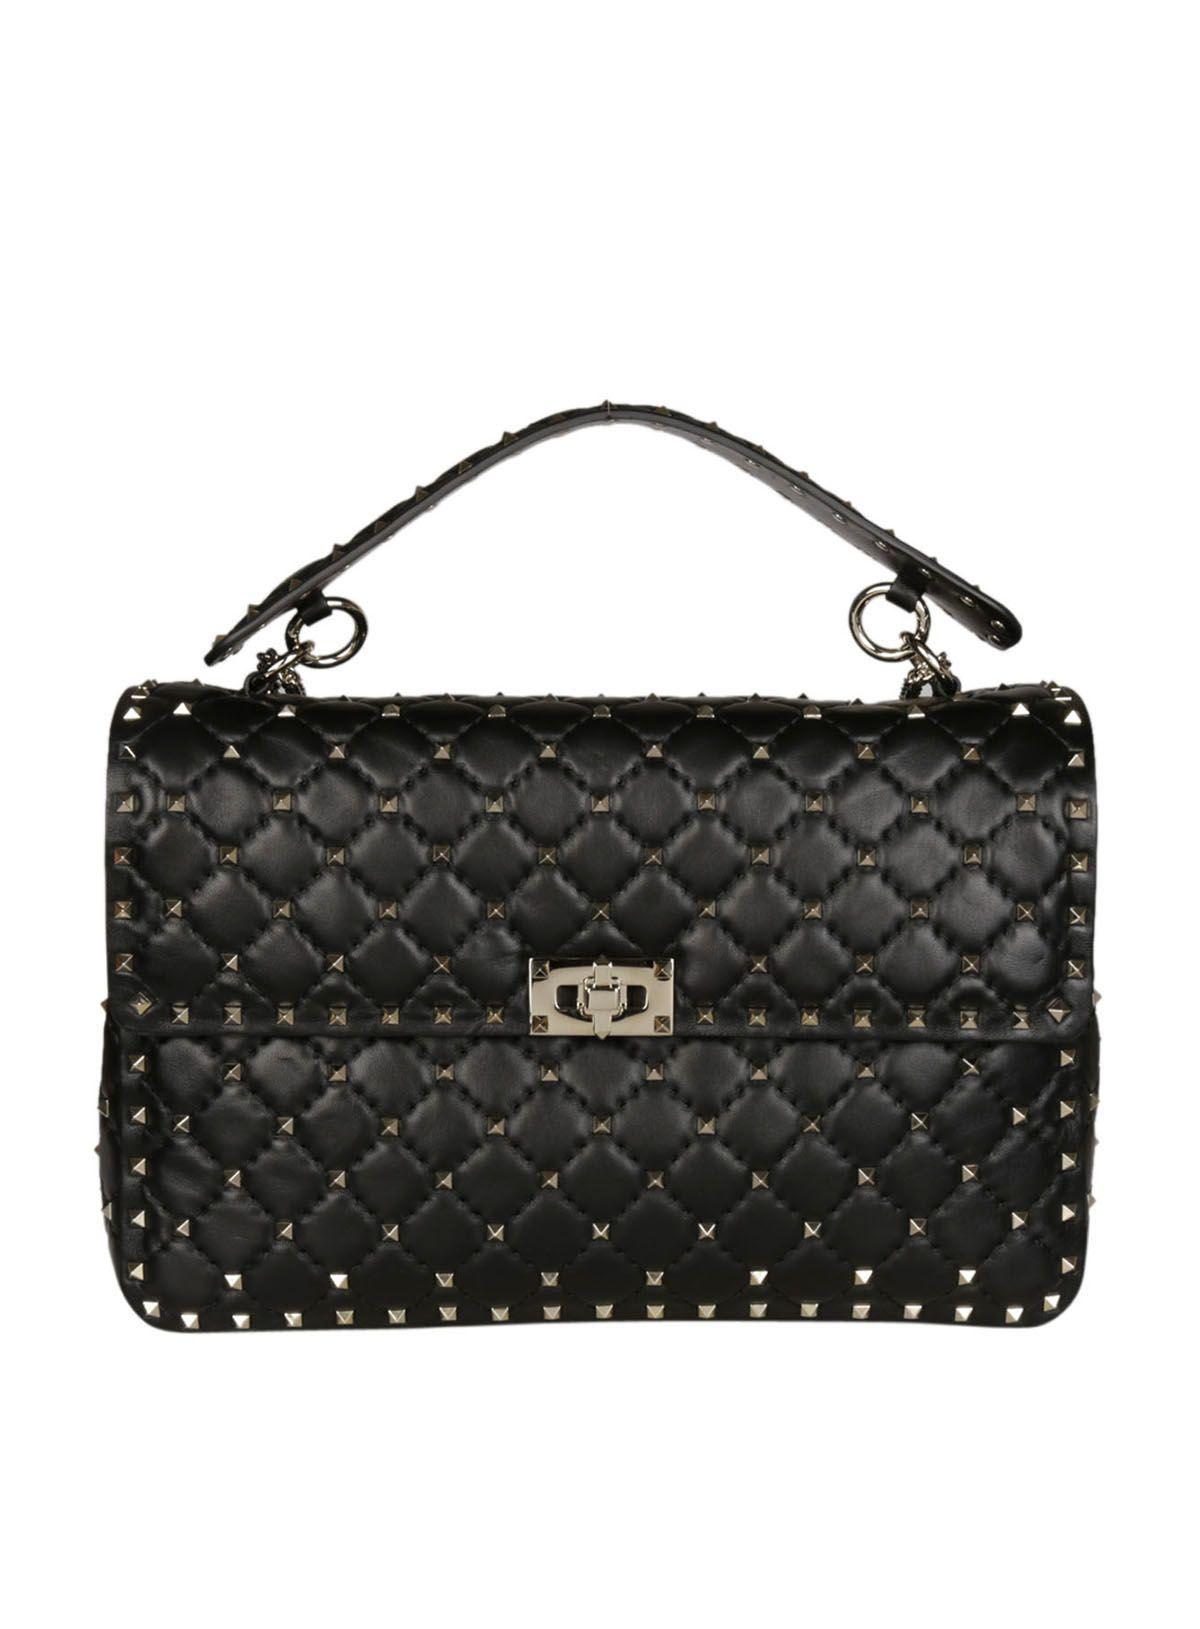 Valentino Valentino Large Rockstud Spike Shoulder Bag